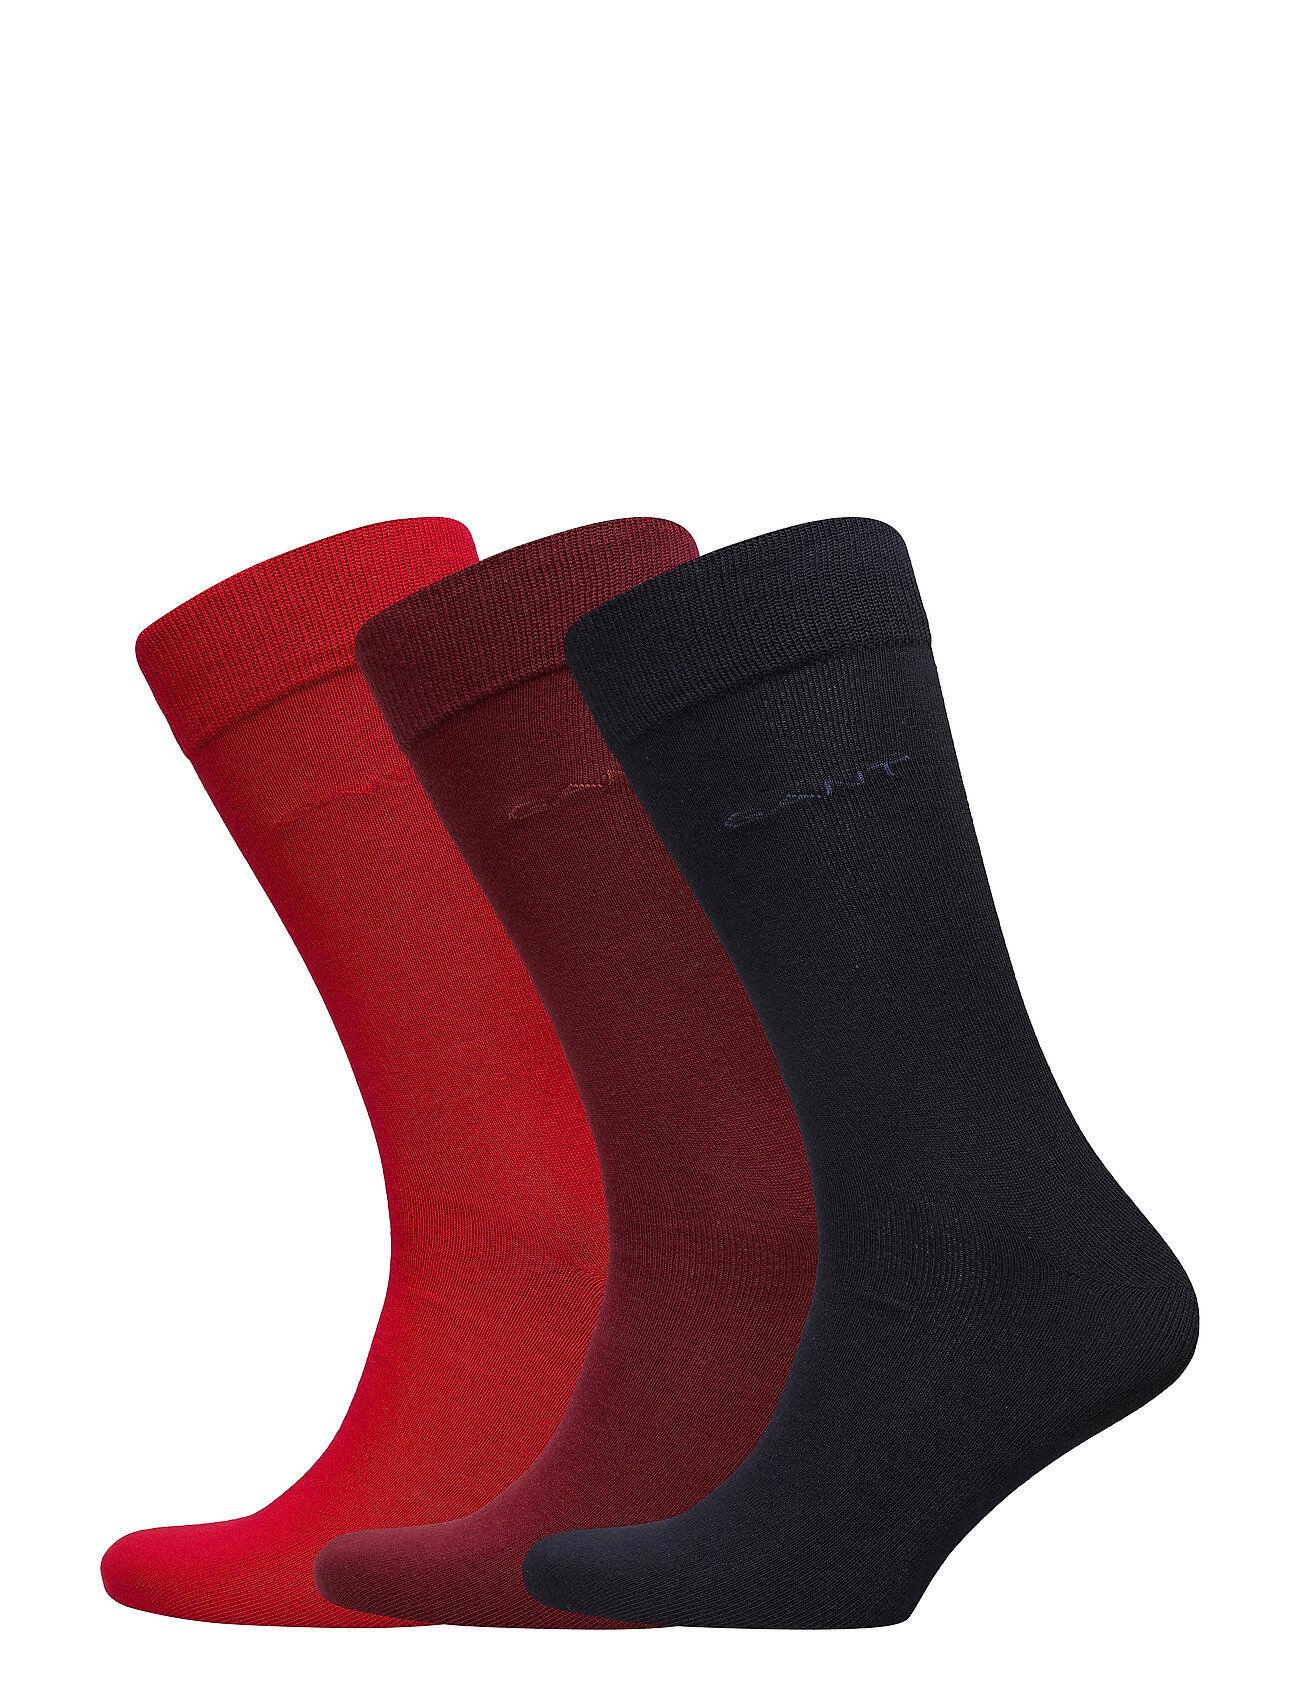 GANT 3-Pack Soft Cotton Socks Underwear Socks Regular Socks Punainen GANT